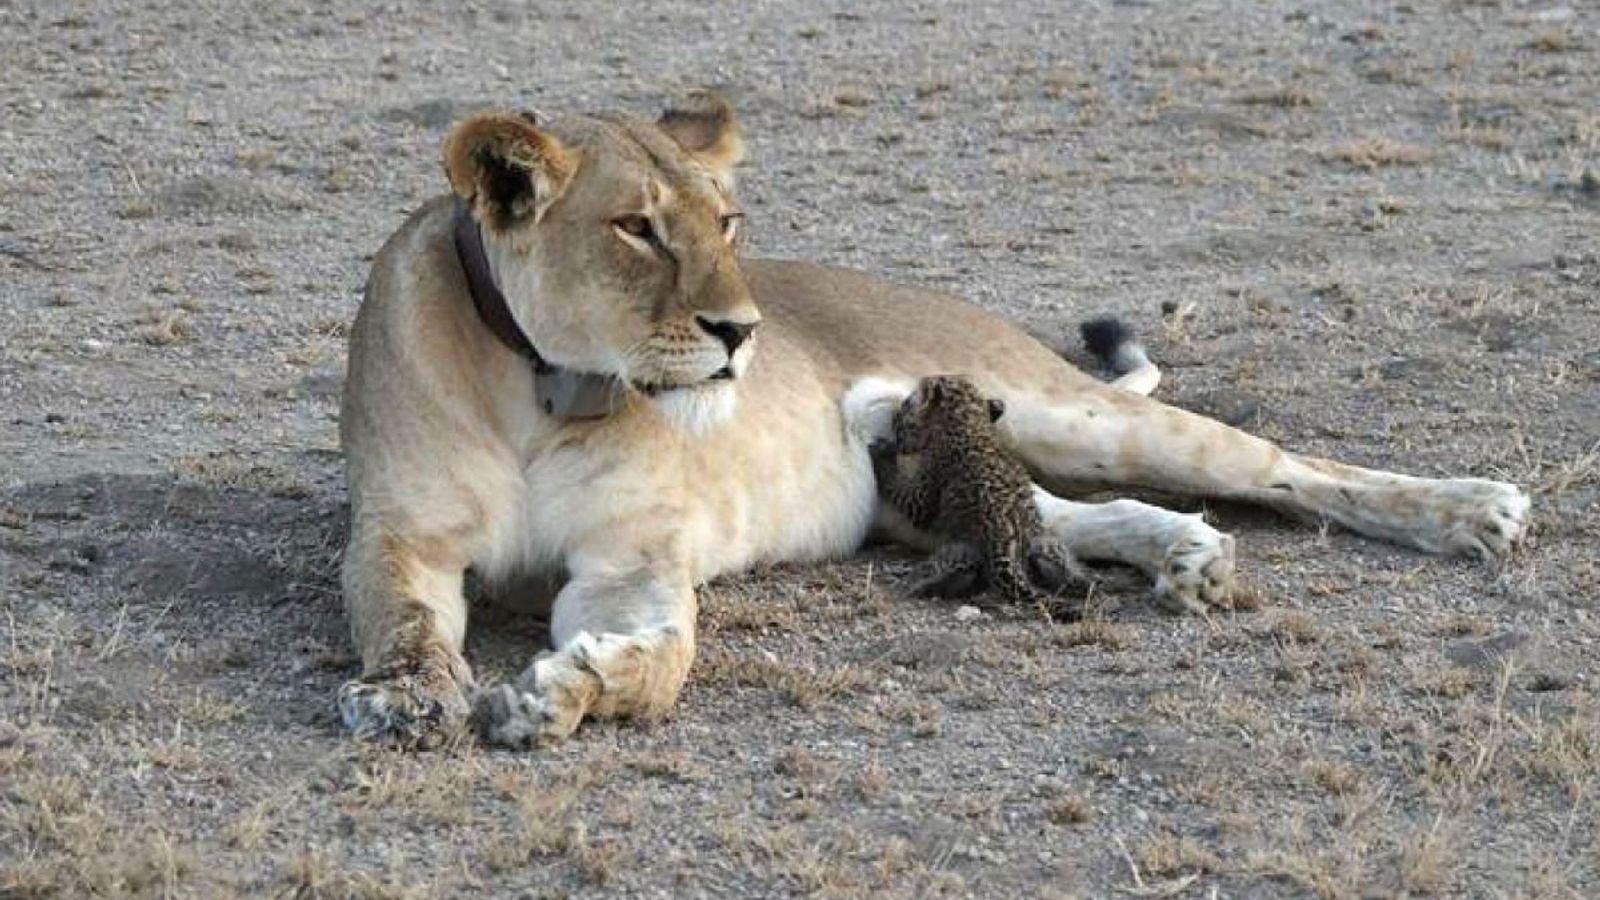 En Tanzanie, un bébé léopard âgé de quelques semaines tète une lionne.